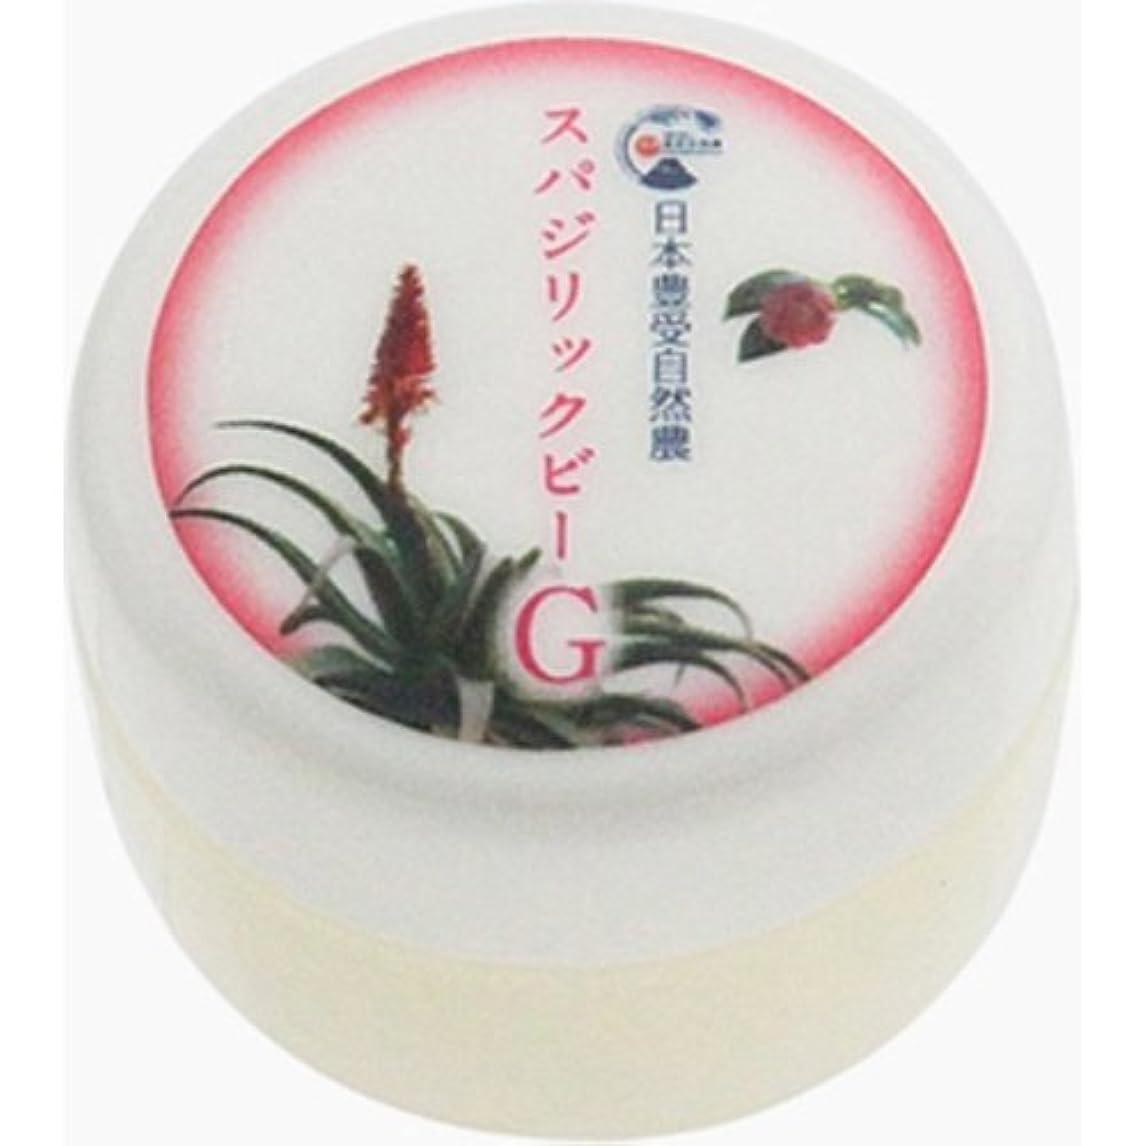 準備四半期フクロウ日本豊受自然農 スパジリック ビーG(小) 10g